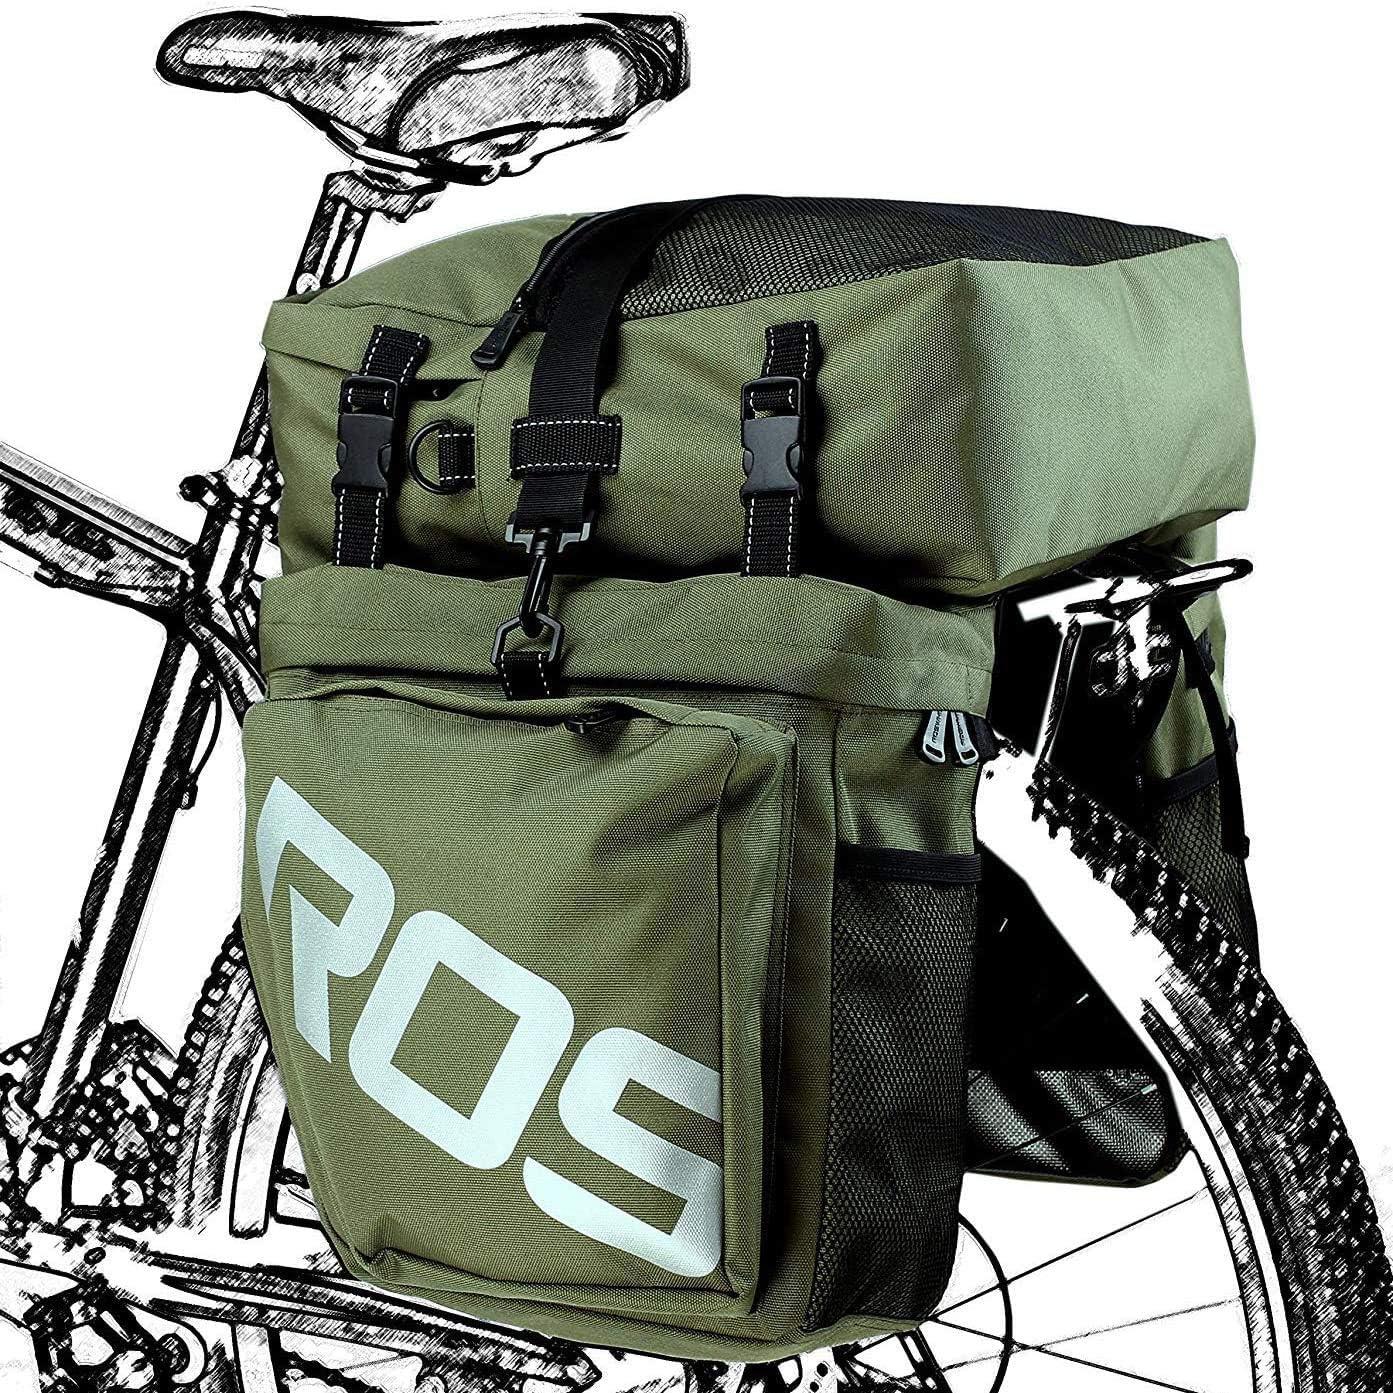 Roswheel Bolsa para Bicicleta Multifunción 3 En 1, Alforja para Maletero del Asiento Trasero,Green: Amazon.es: Deportes y aire libre